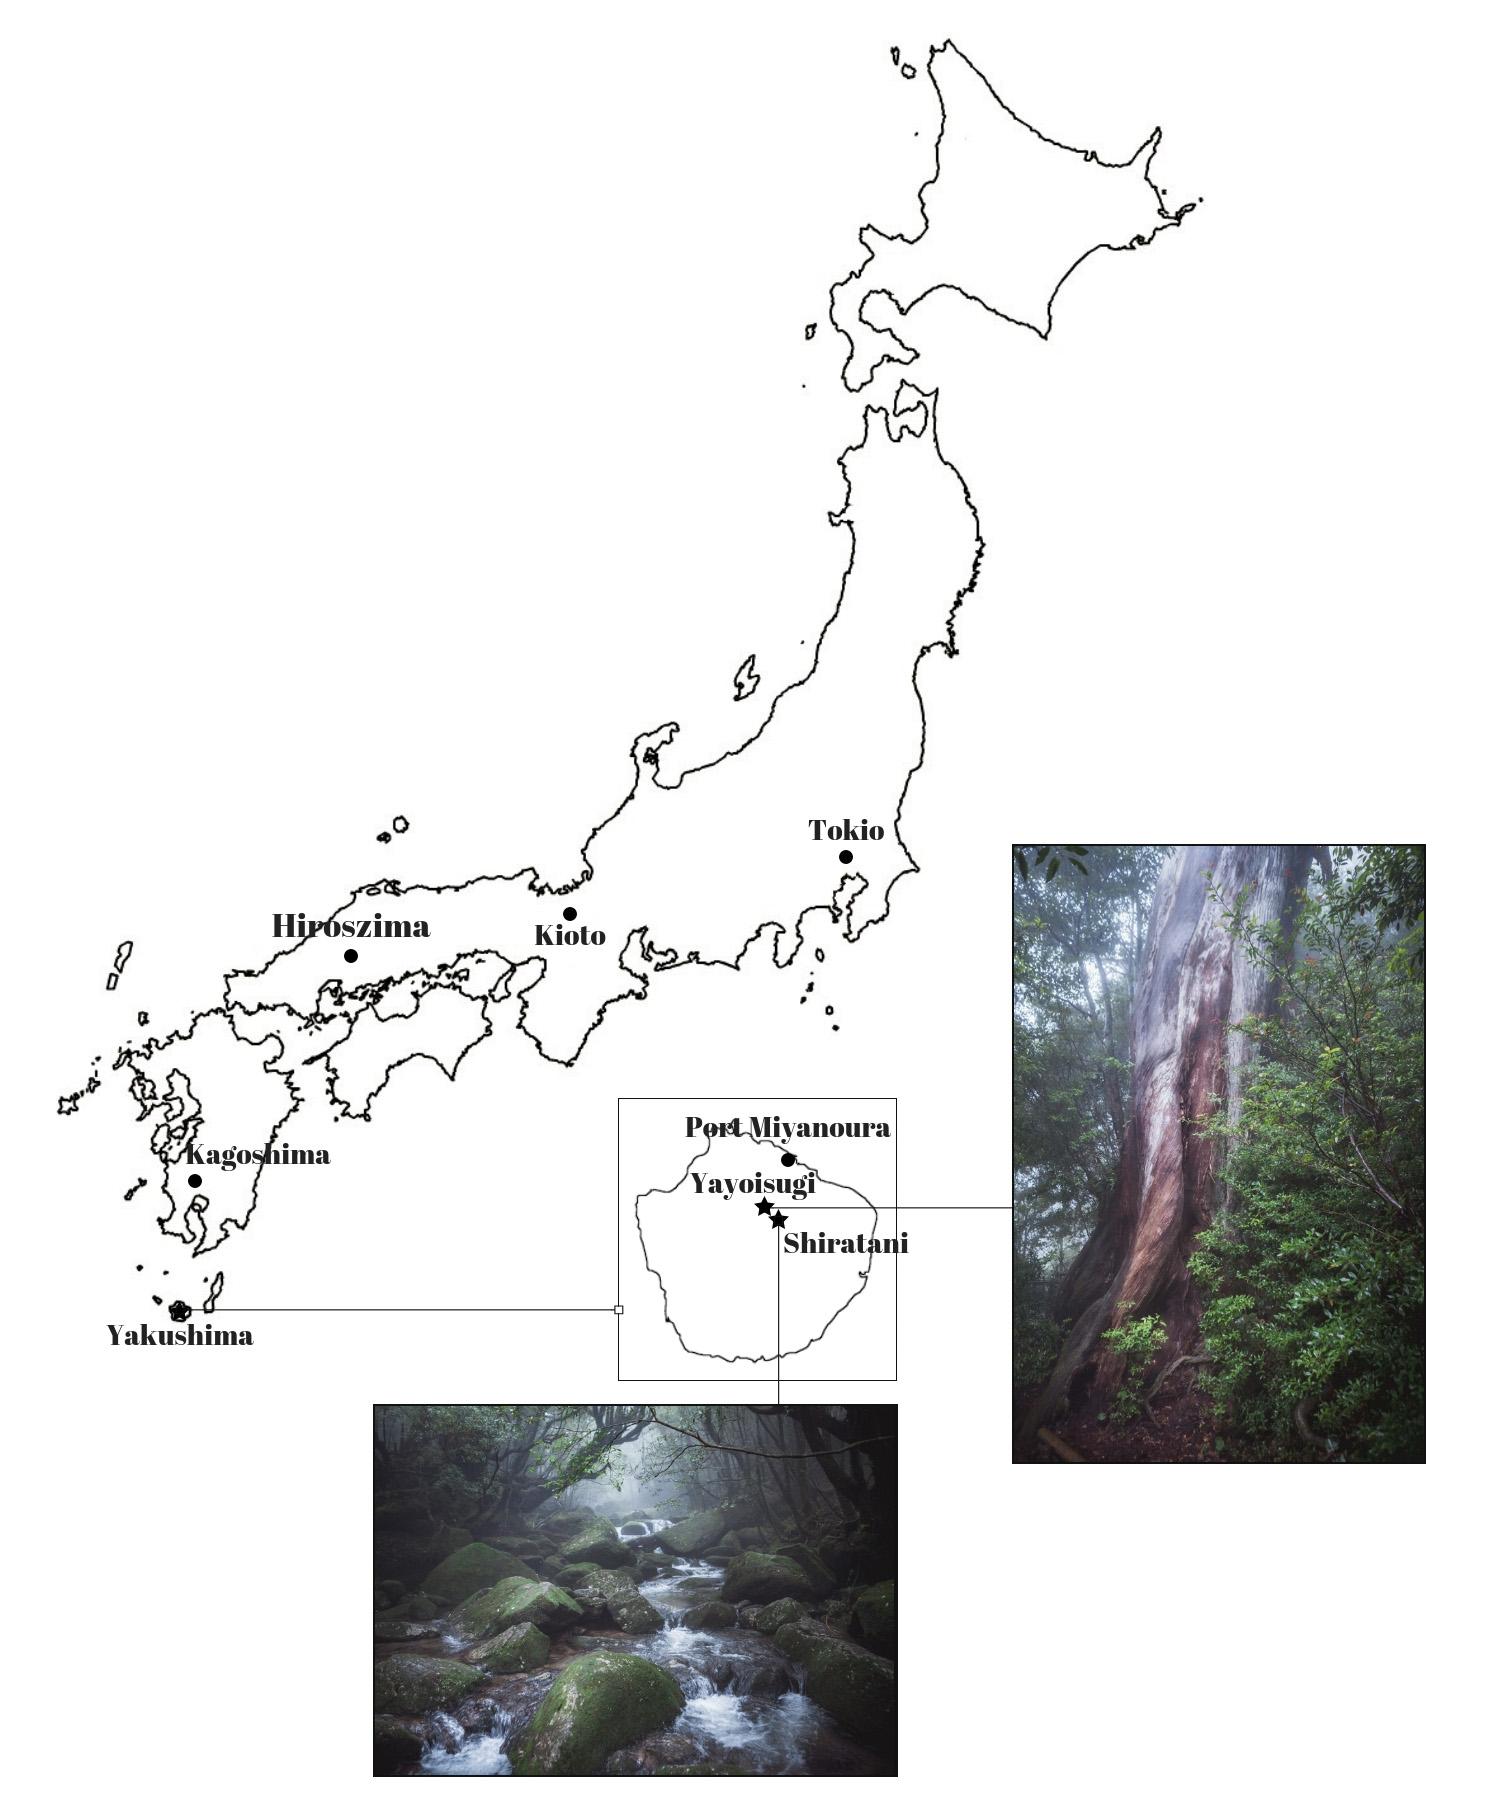 mapa yakushima